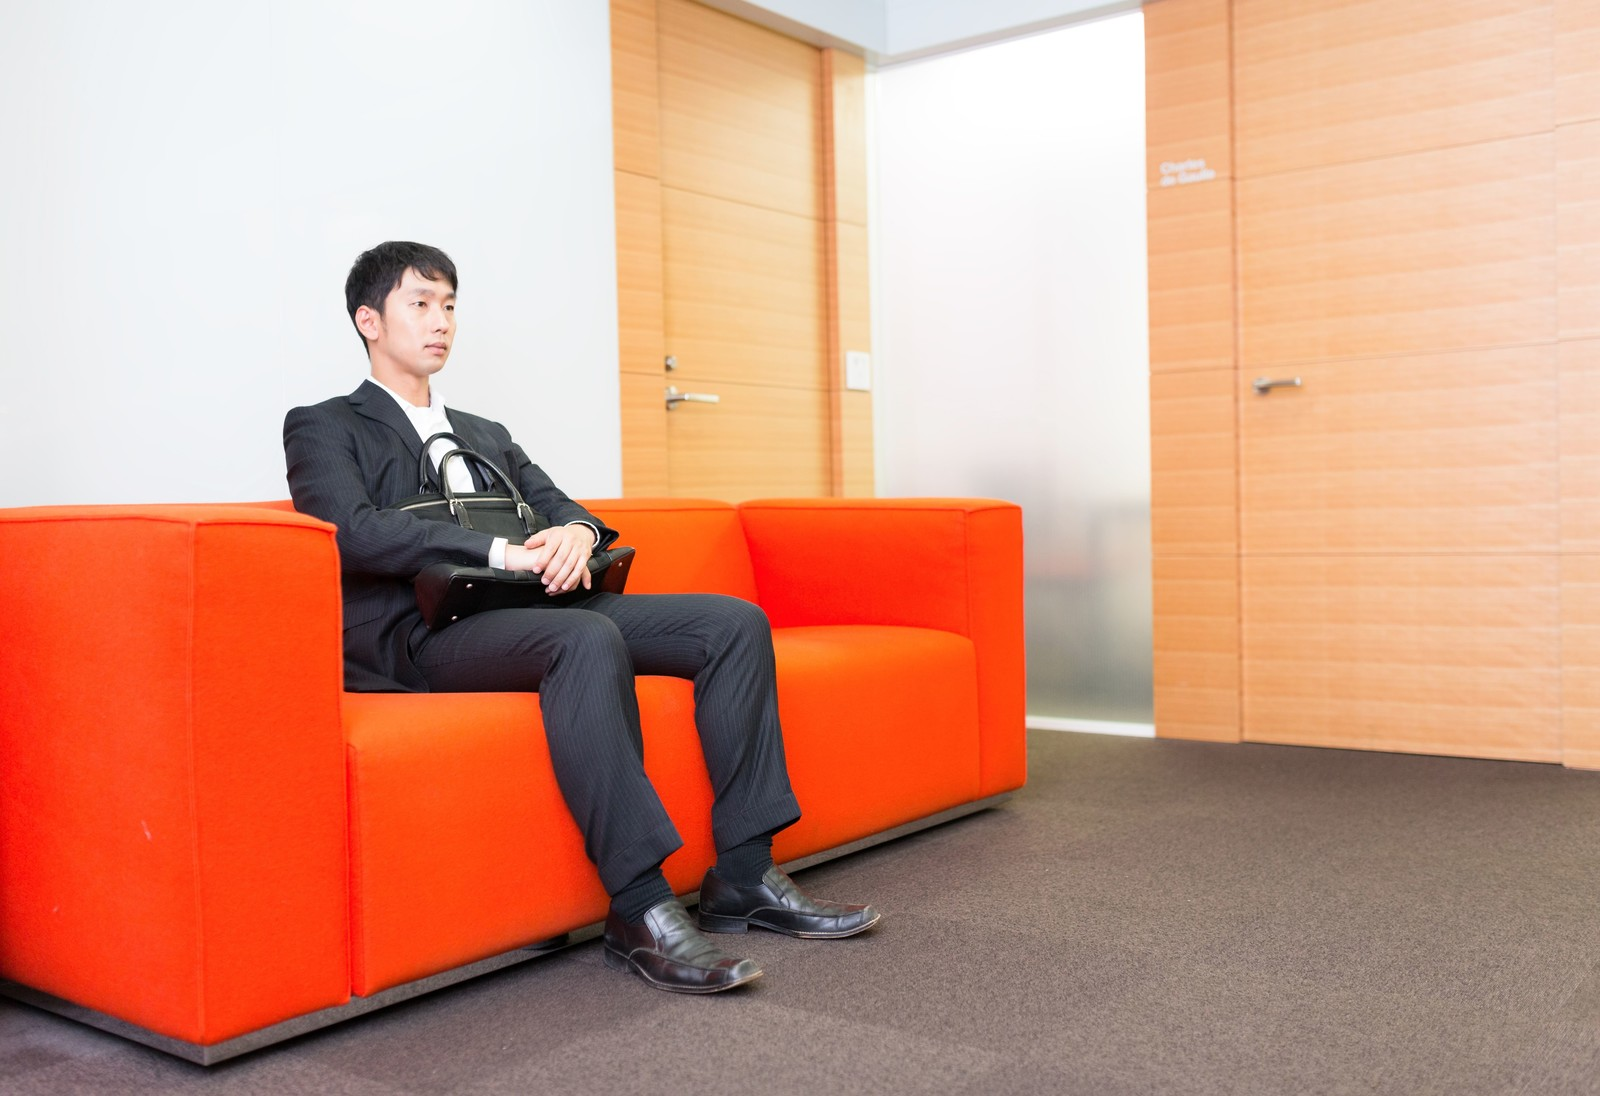 「大事な打ち合わせの前に待合室で緊張する新人営業マン大事な打ち合わせの前に待合室で緊張する新人営業マン」[モデル:大川竜弥]のフリー写真素材を拡大